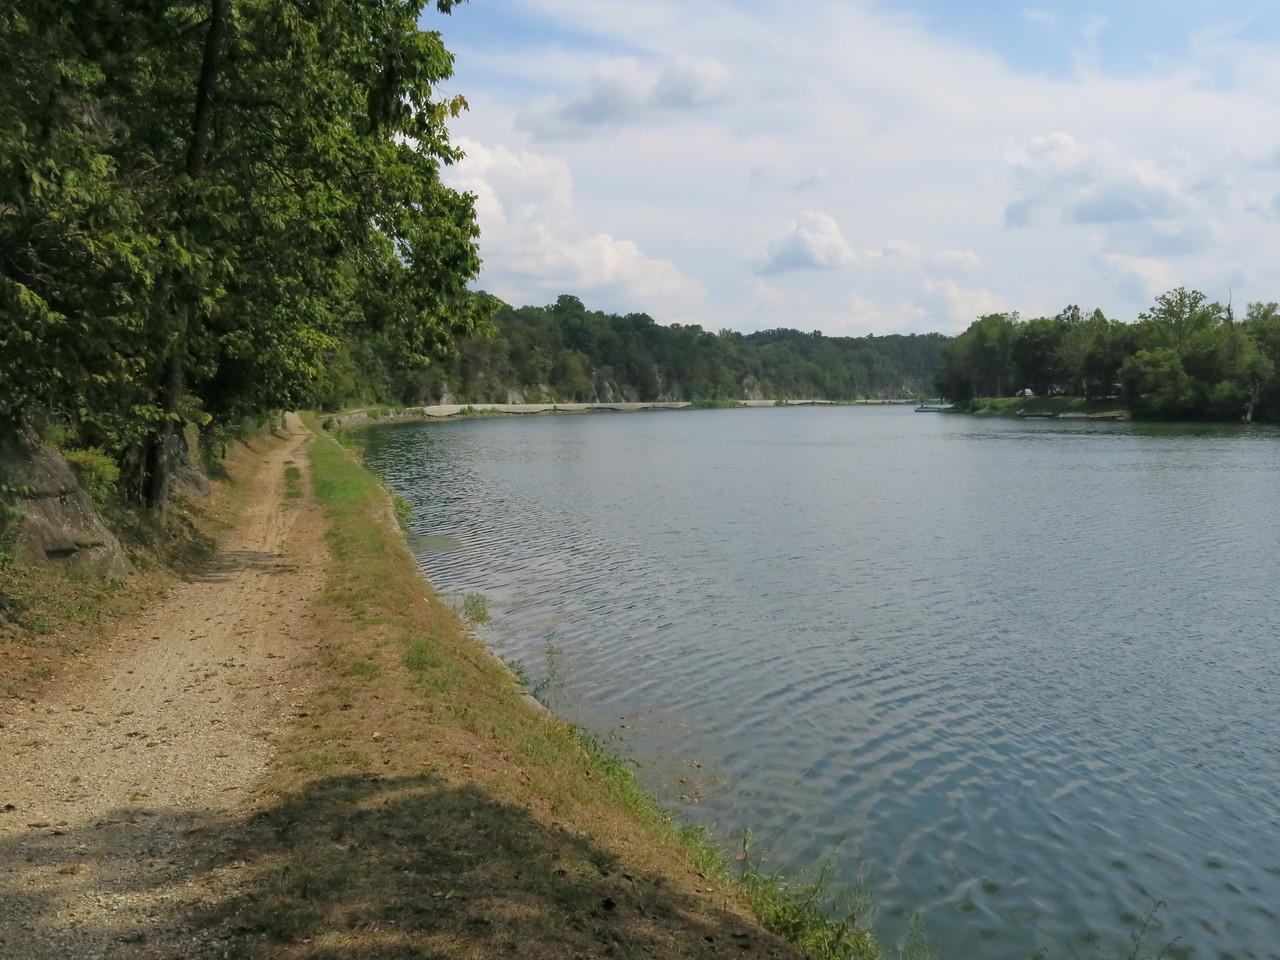 Towpath along the Potomac River at Big Slackwater at about MP 88.5